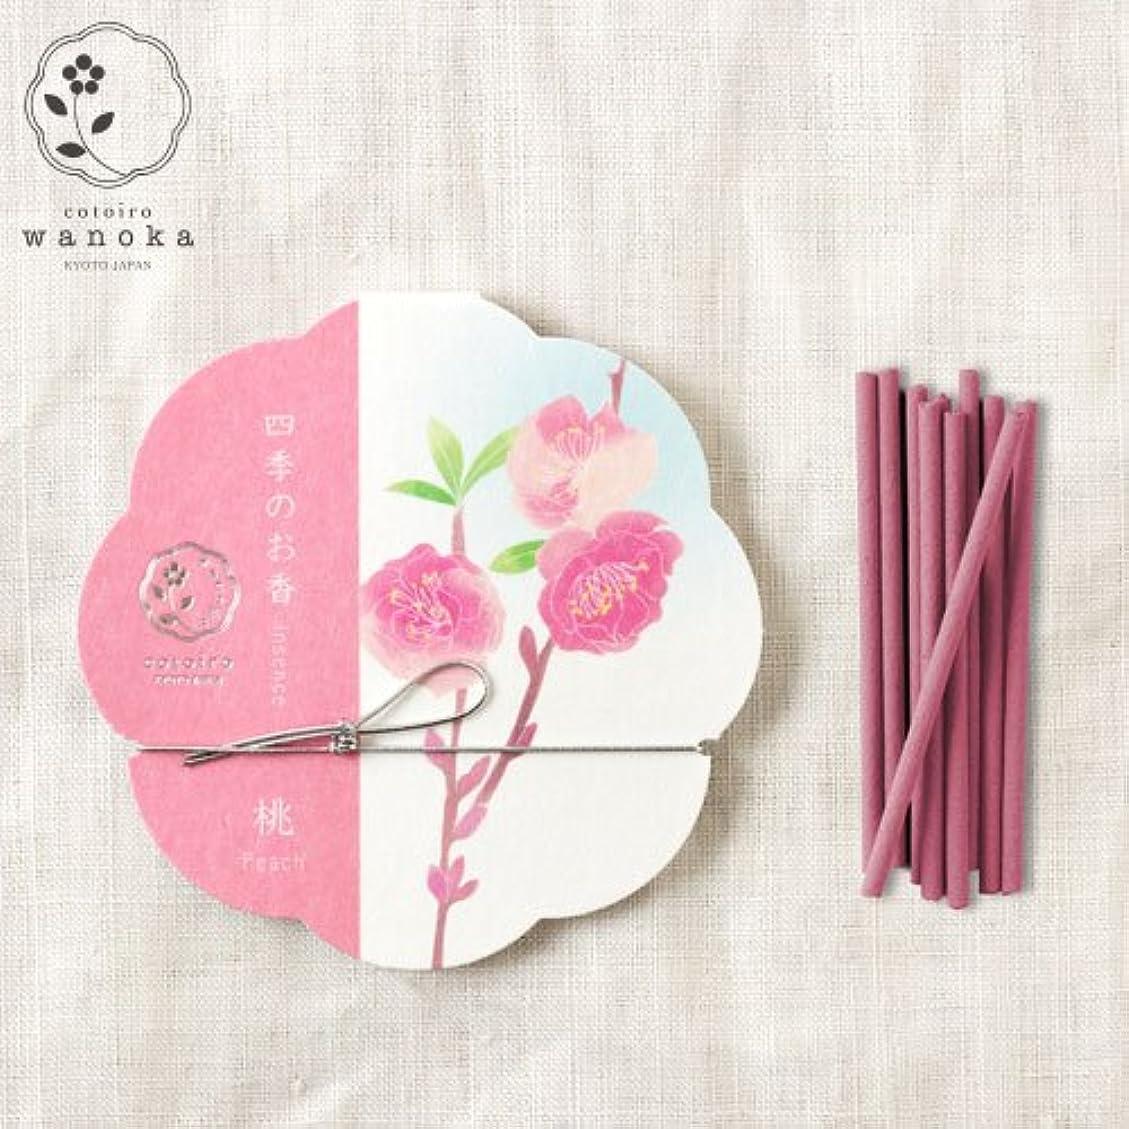 蒸し器運営物理的なwanoka四季のお香(インセンス)桃《桃のお花をイメージした甘い香り》ART LABIncense stick